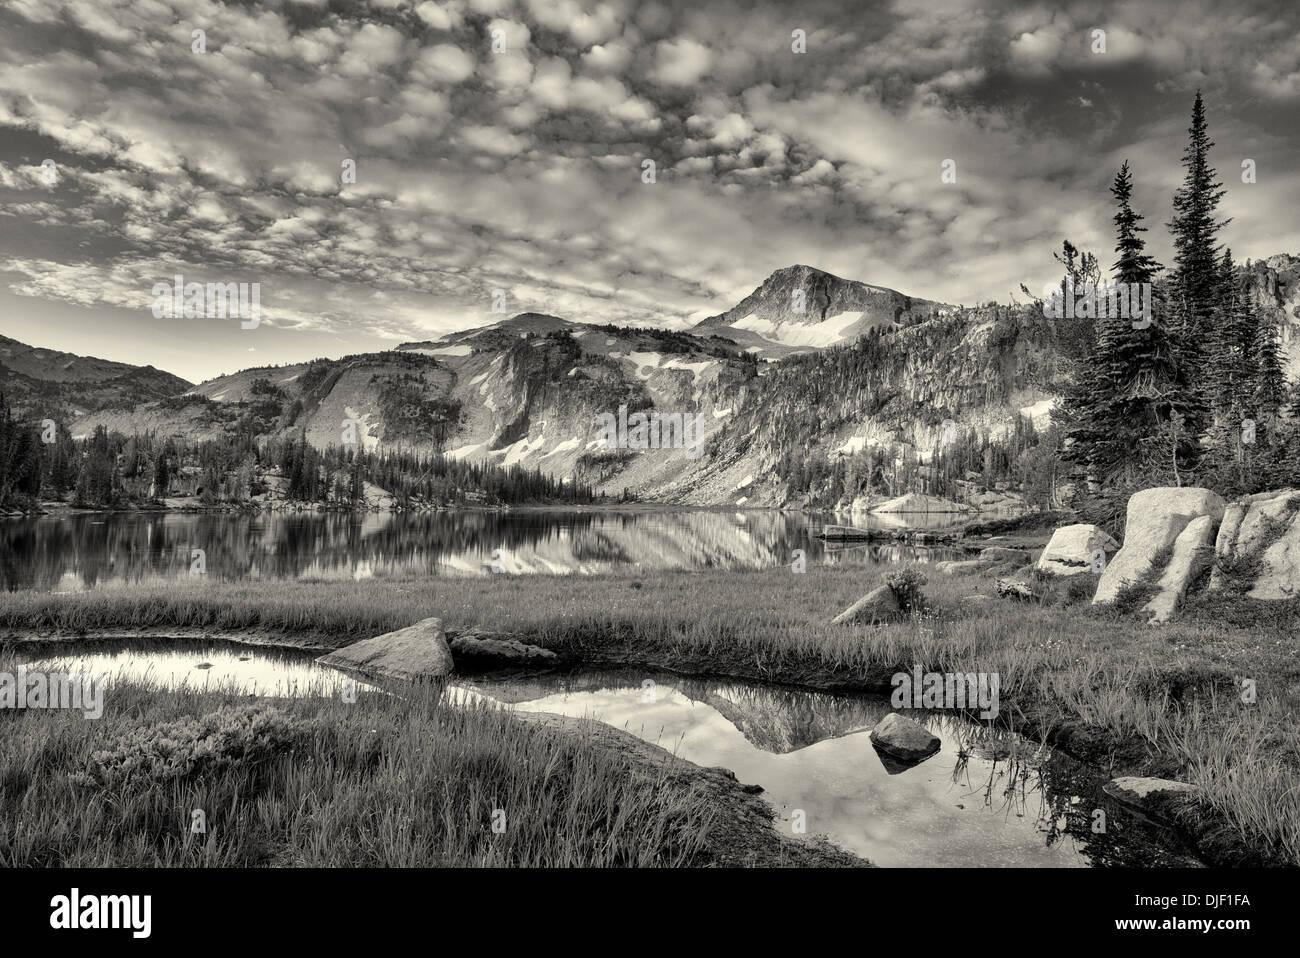 Abendlicht und Reflexion im kleinen Bach und Mirror Lake mit Kappe Adlerberg. Eagle Cap Wildnis, Oregon Stockbild